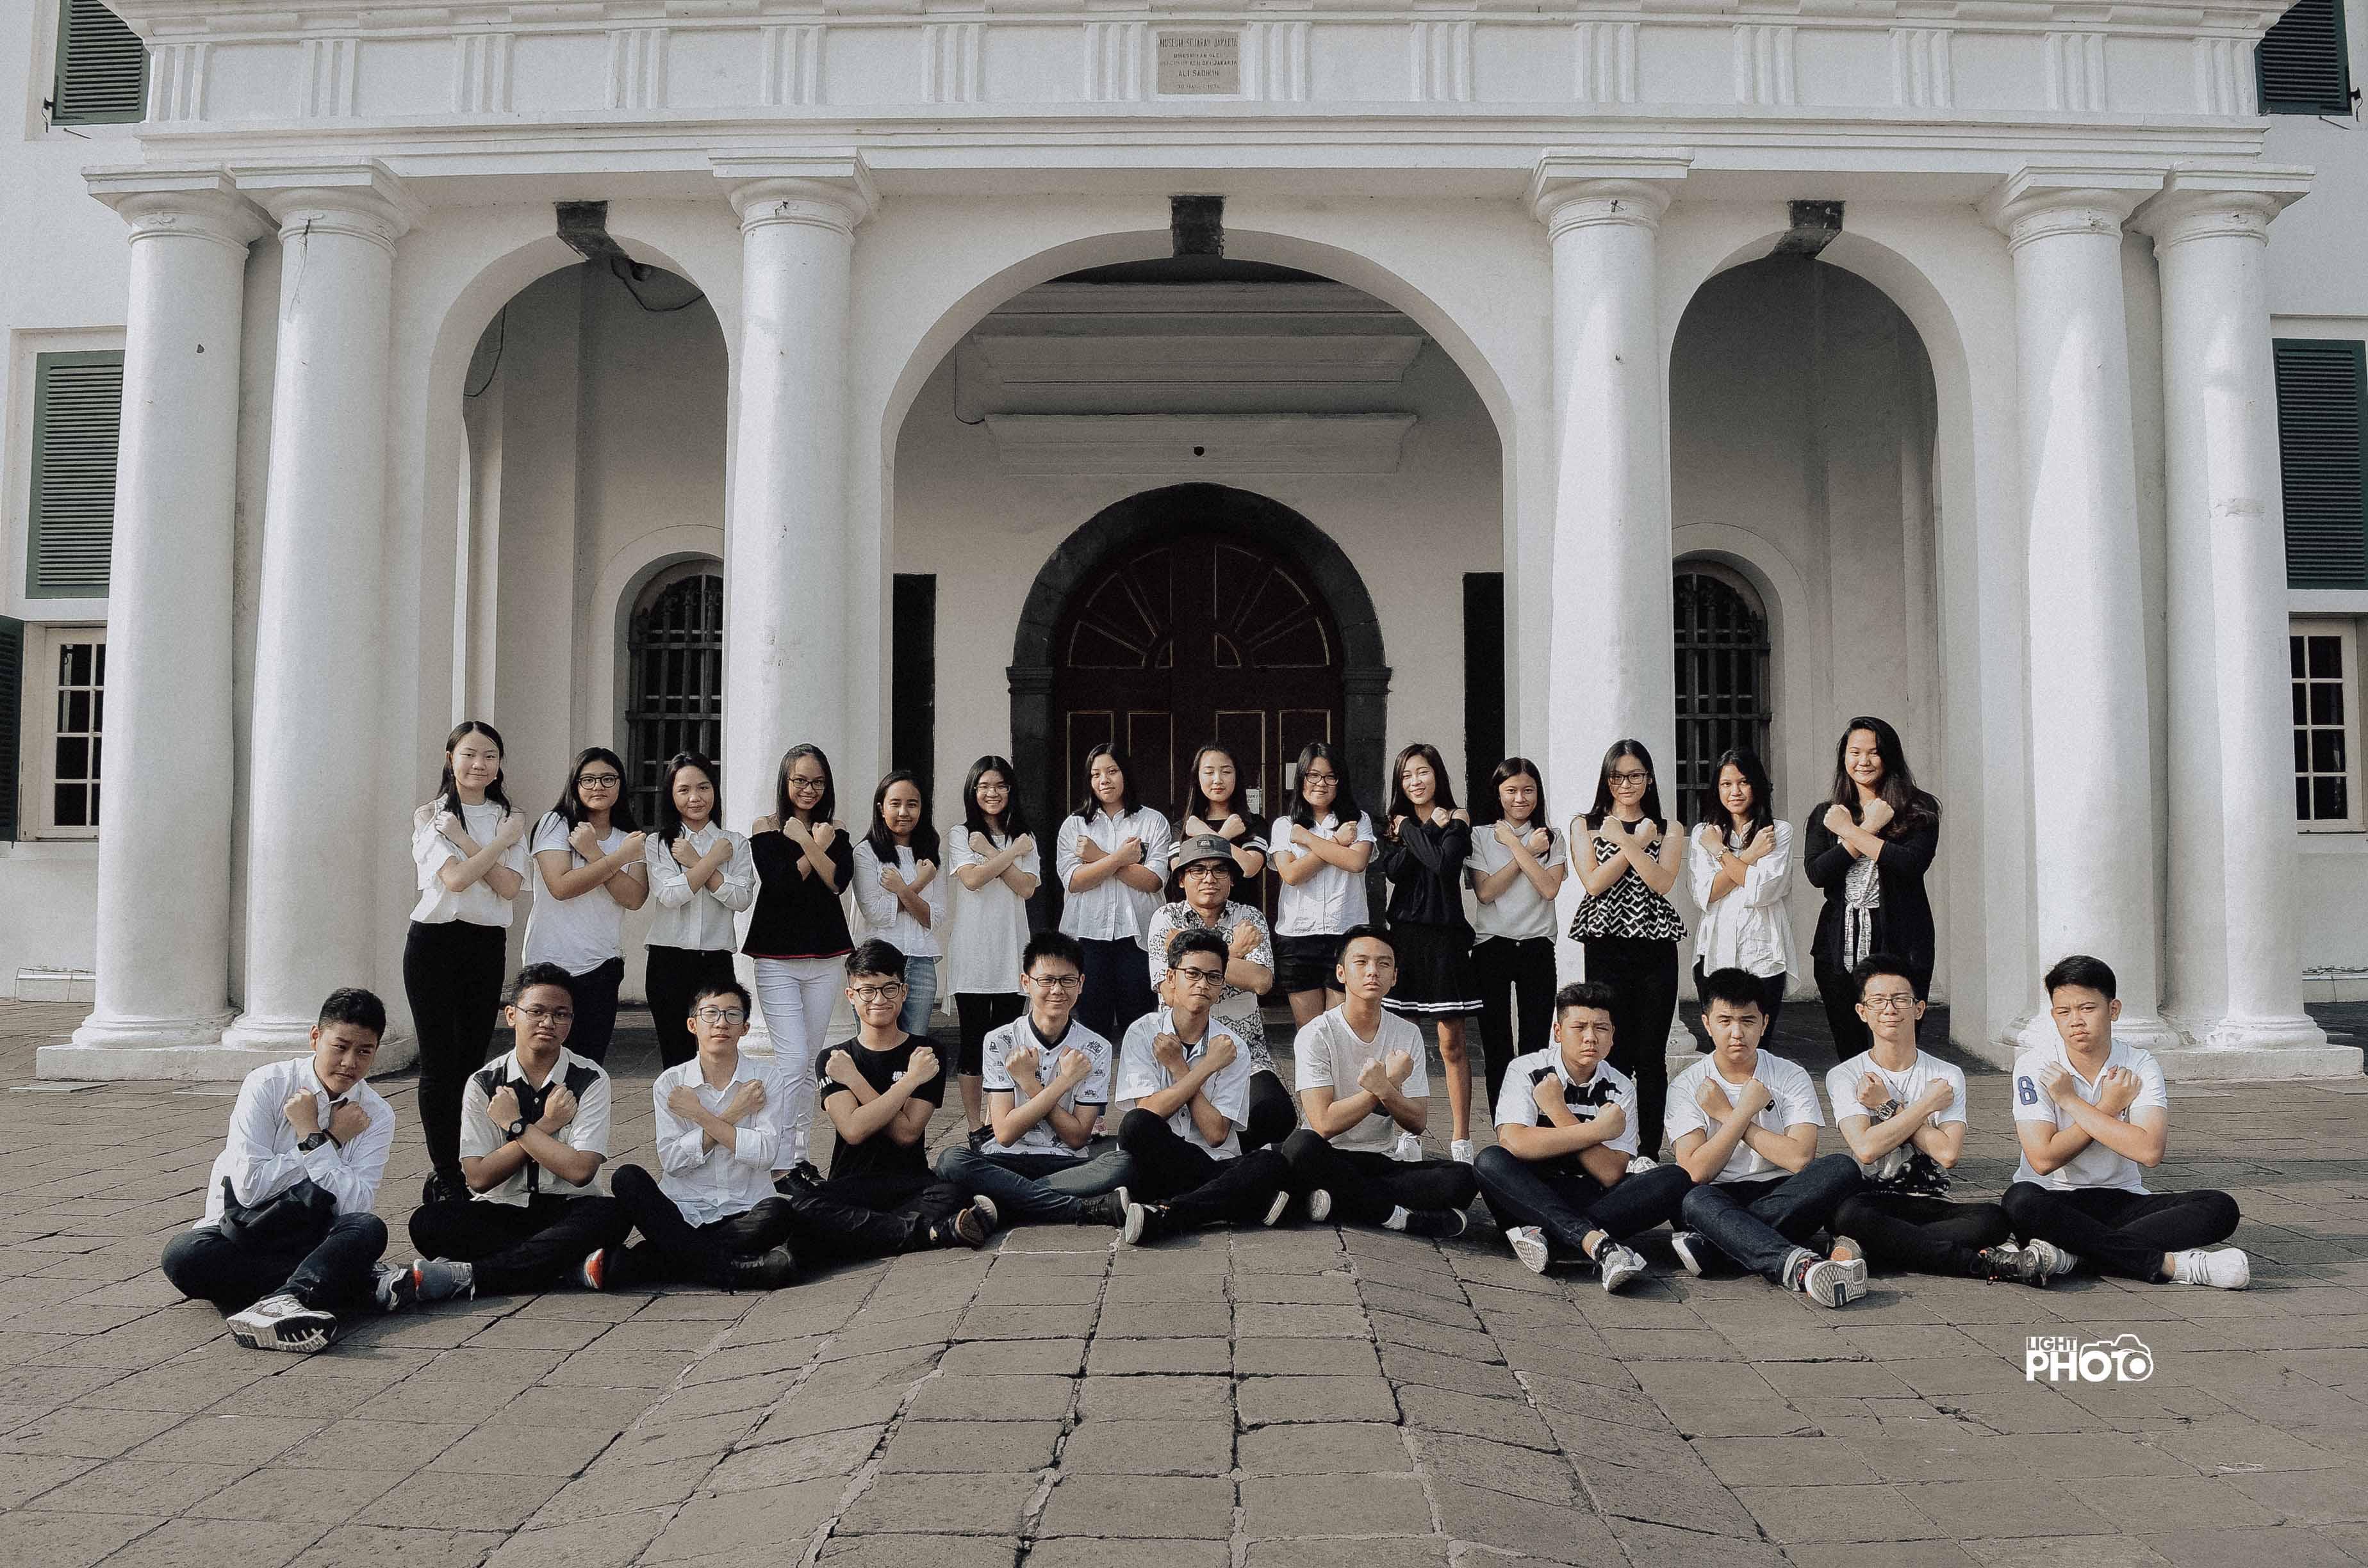 Yearbook-Photography-St-Yakobus